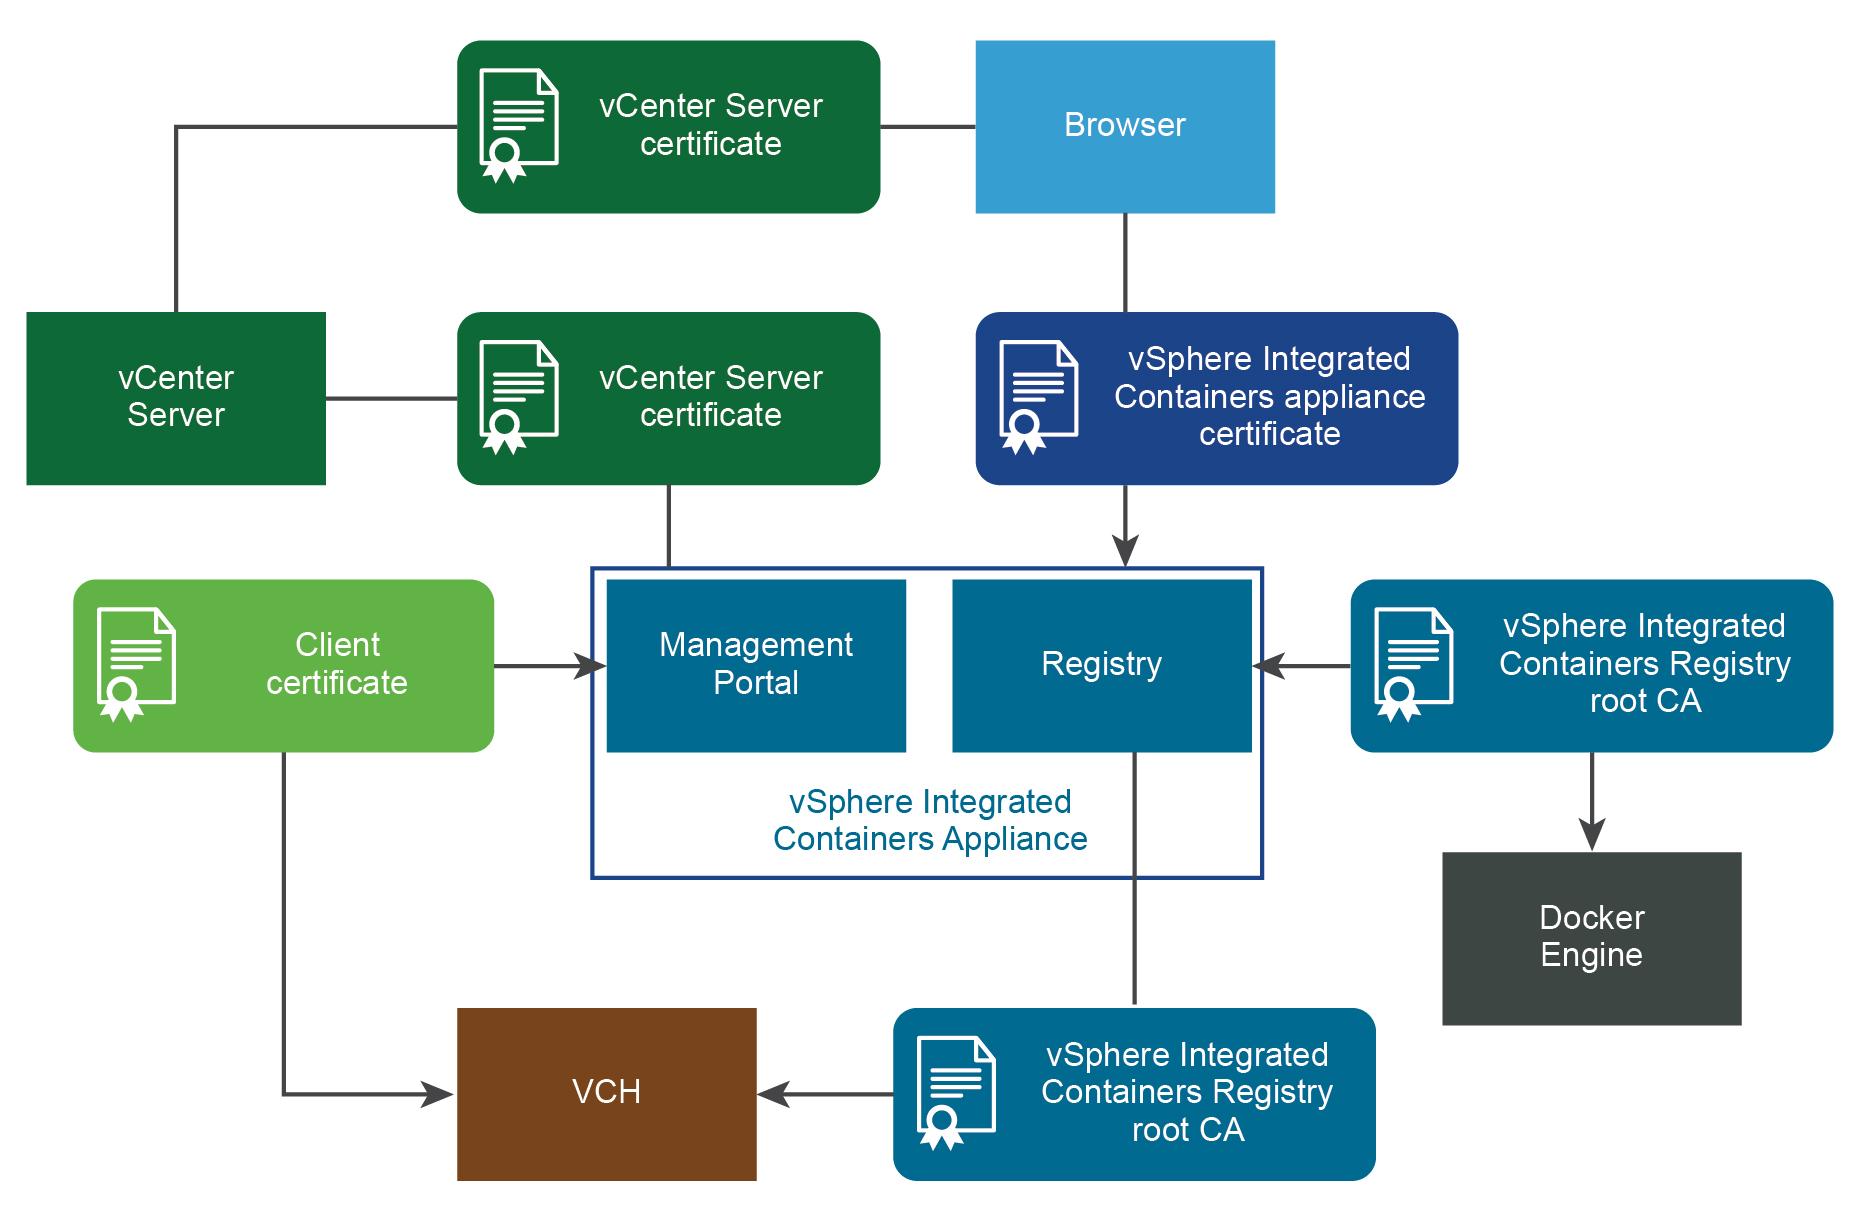 vmware psc download certificate